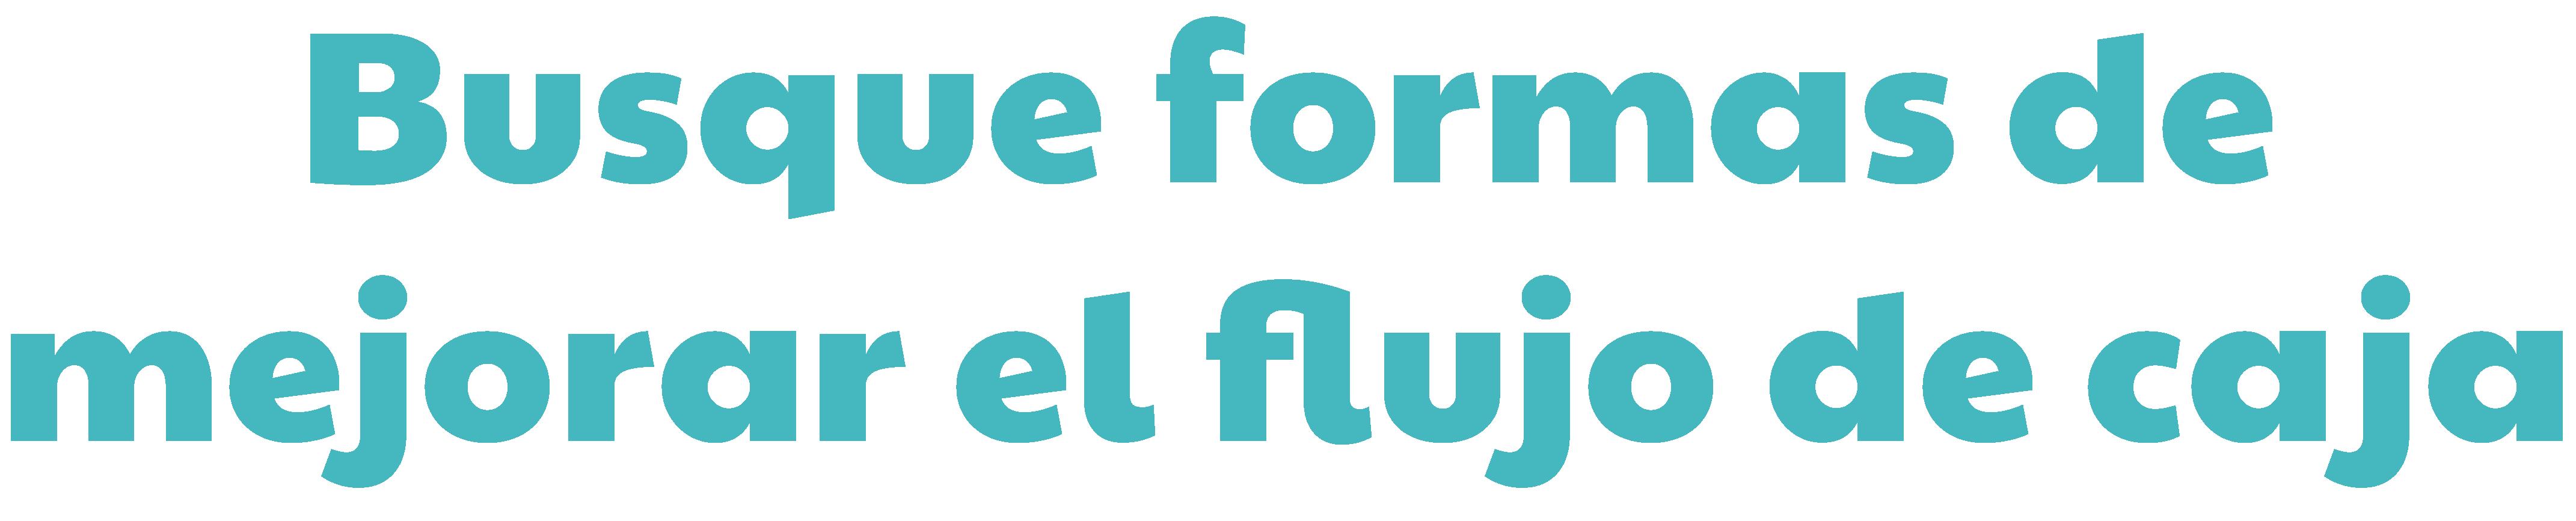 Busque formas de mejorar el flujo de caja